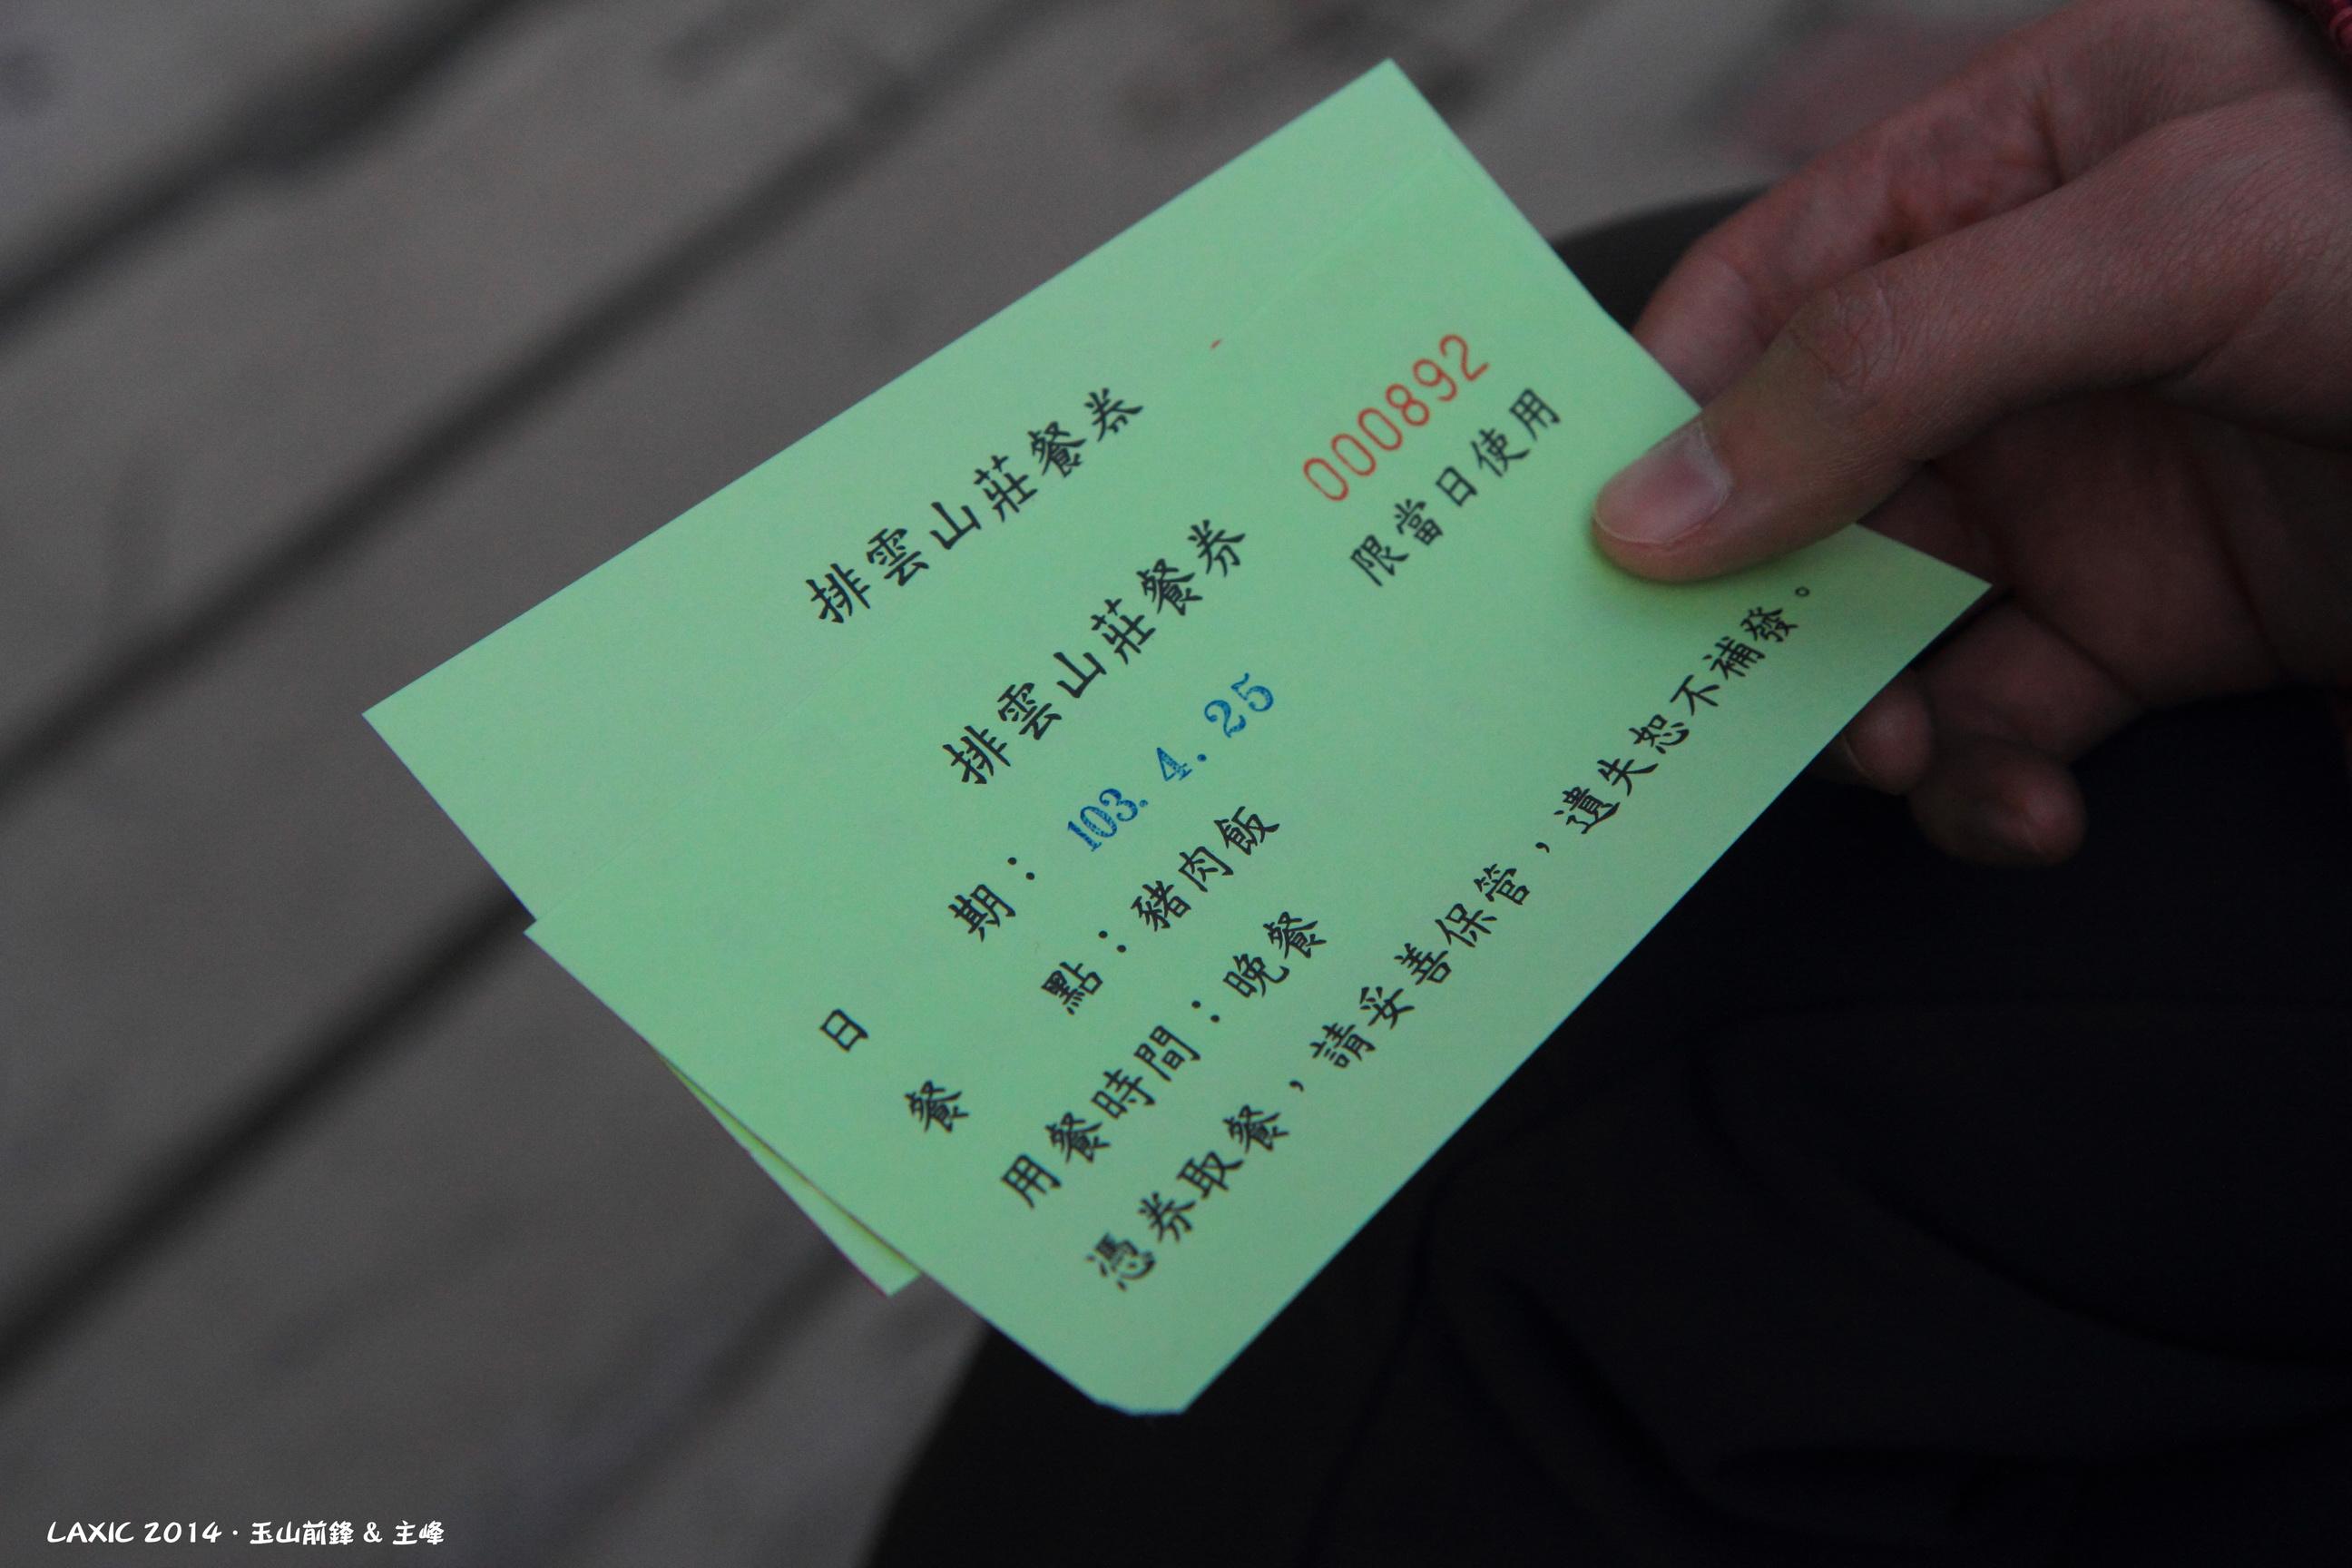 2014.04 玉山前鋒 & 主峰